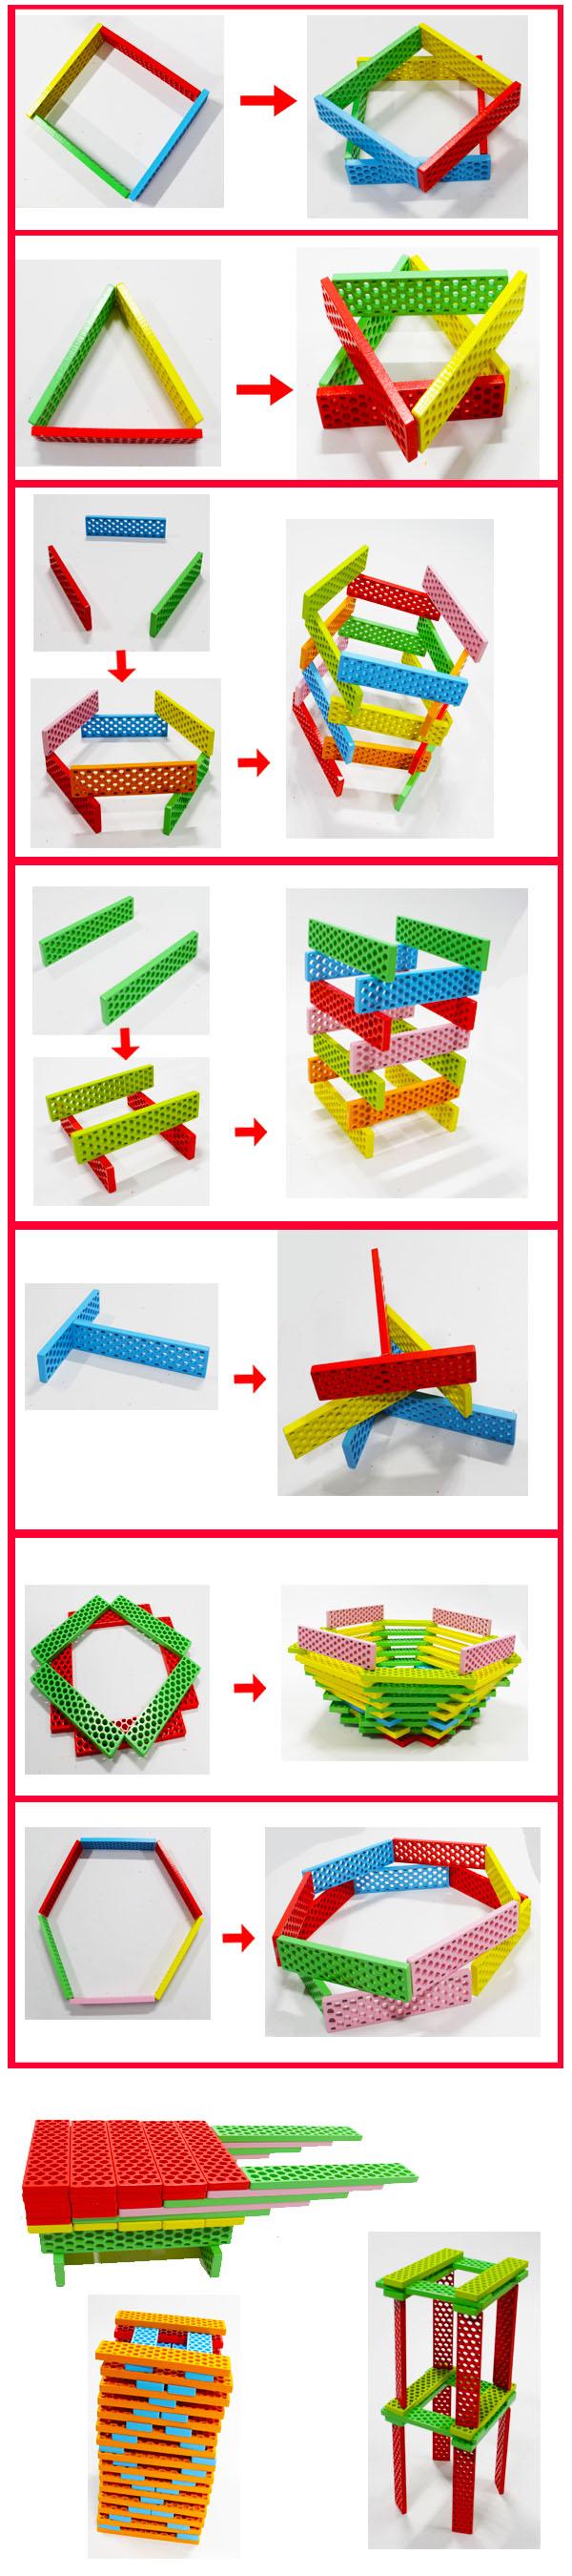 蜂巢积木步骤图